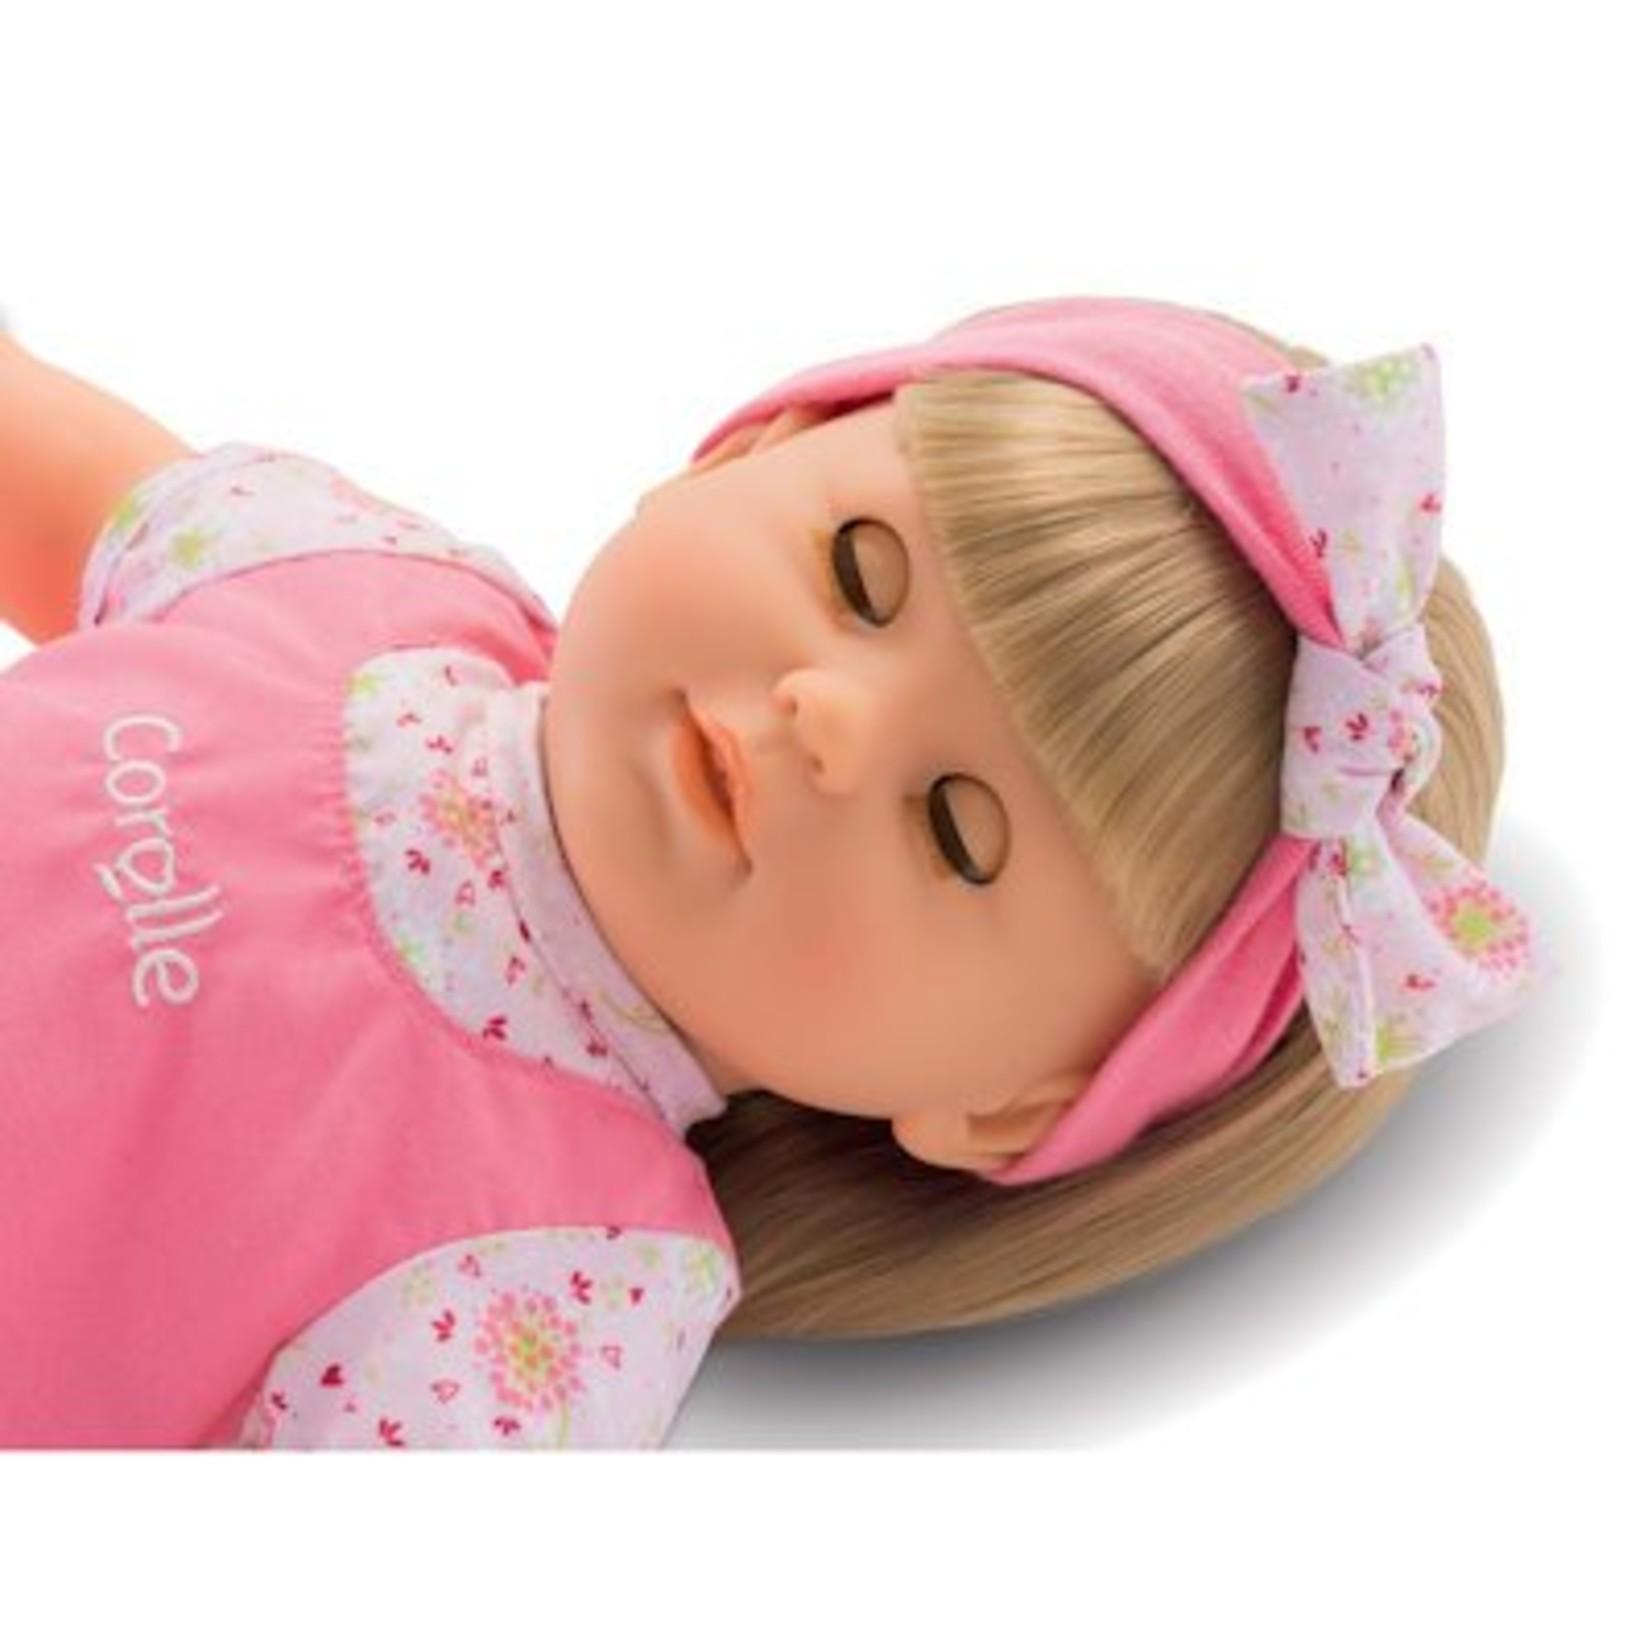 Corolle Babypop Adele